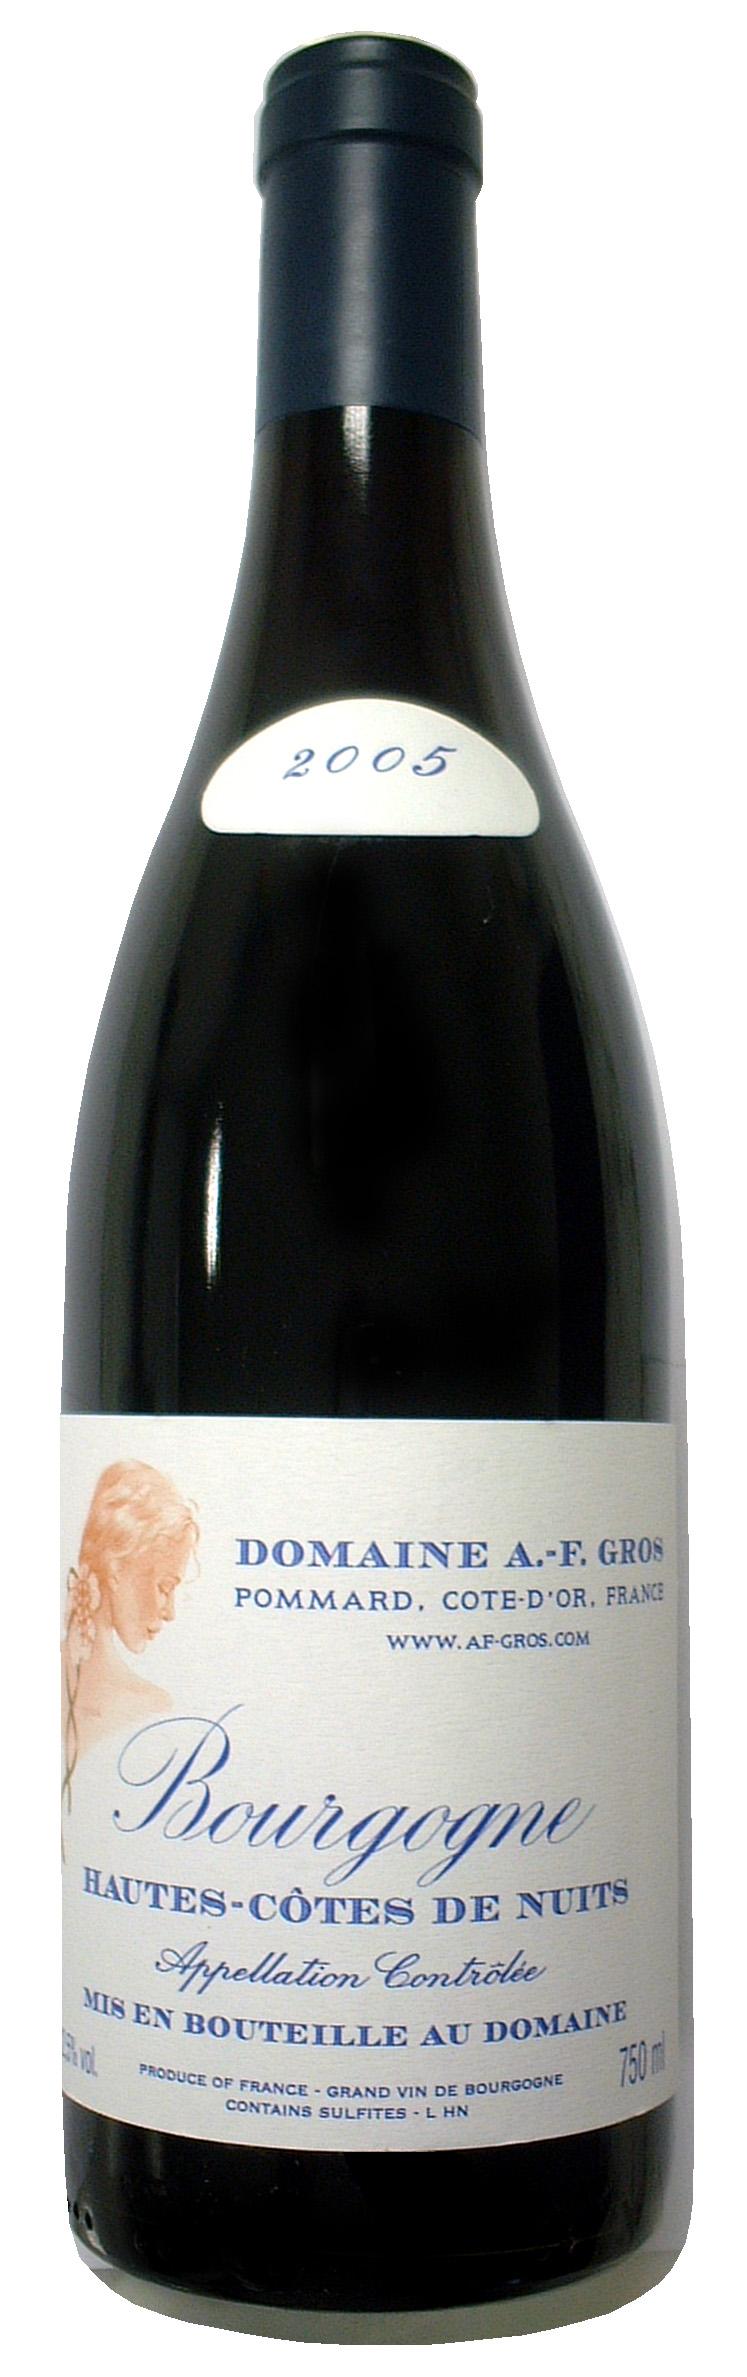 2005 Bourgogne Hautes Cotes de Nuits_Domaine AF Gros.jpg